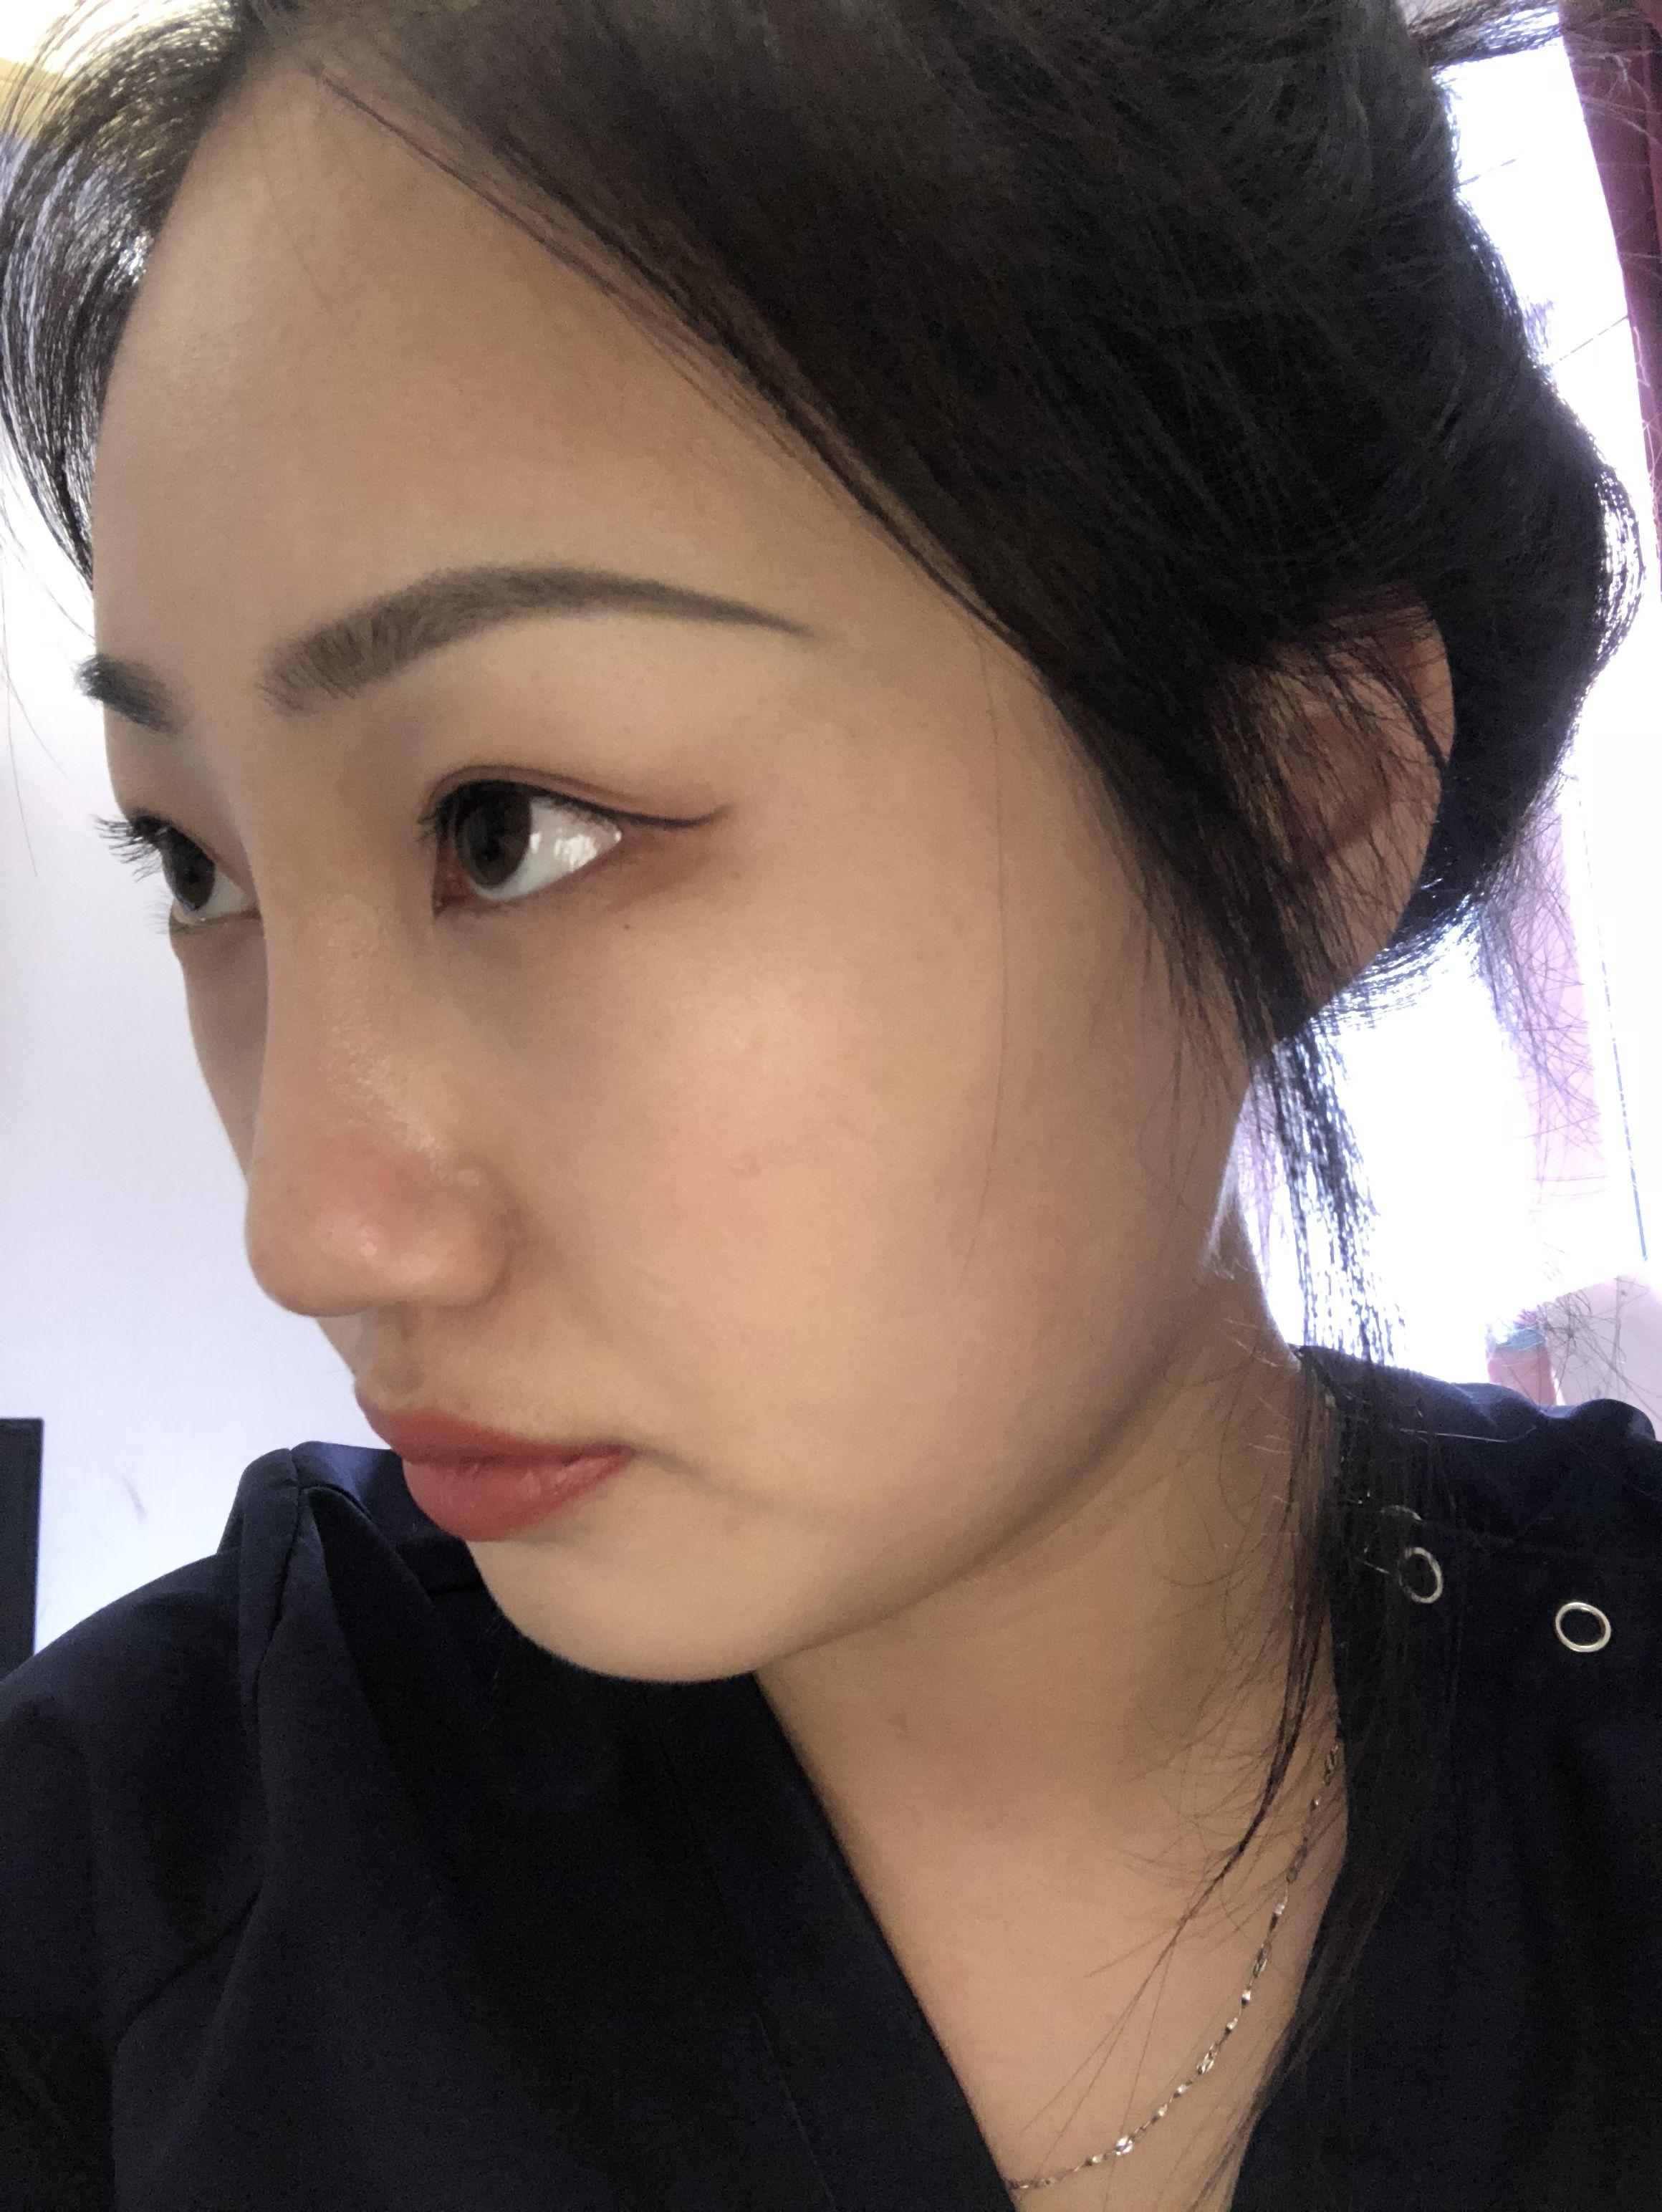 今天是术后一个月 鼻子几乎没感觉啦 稍微惺鼻涕的时候有点不舒服 鼻子也很自然 话不多说 上图